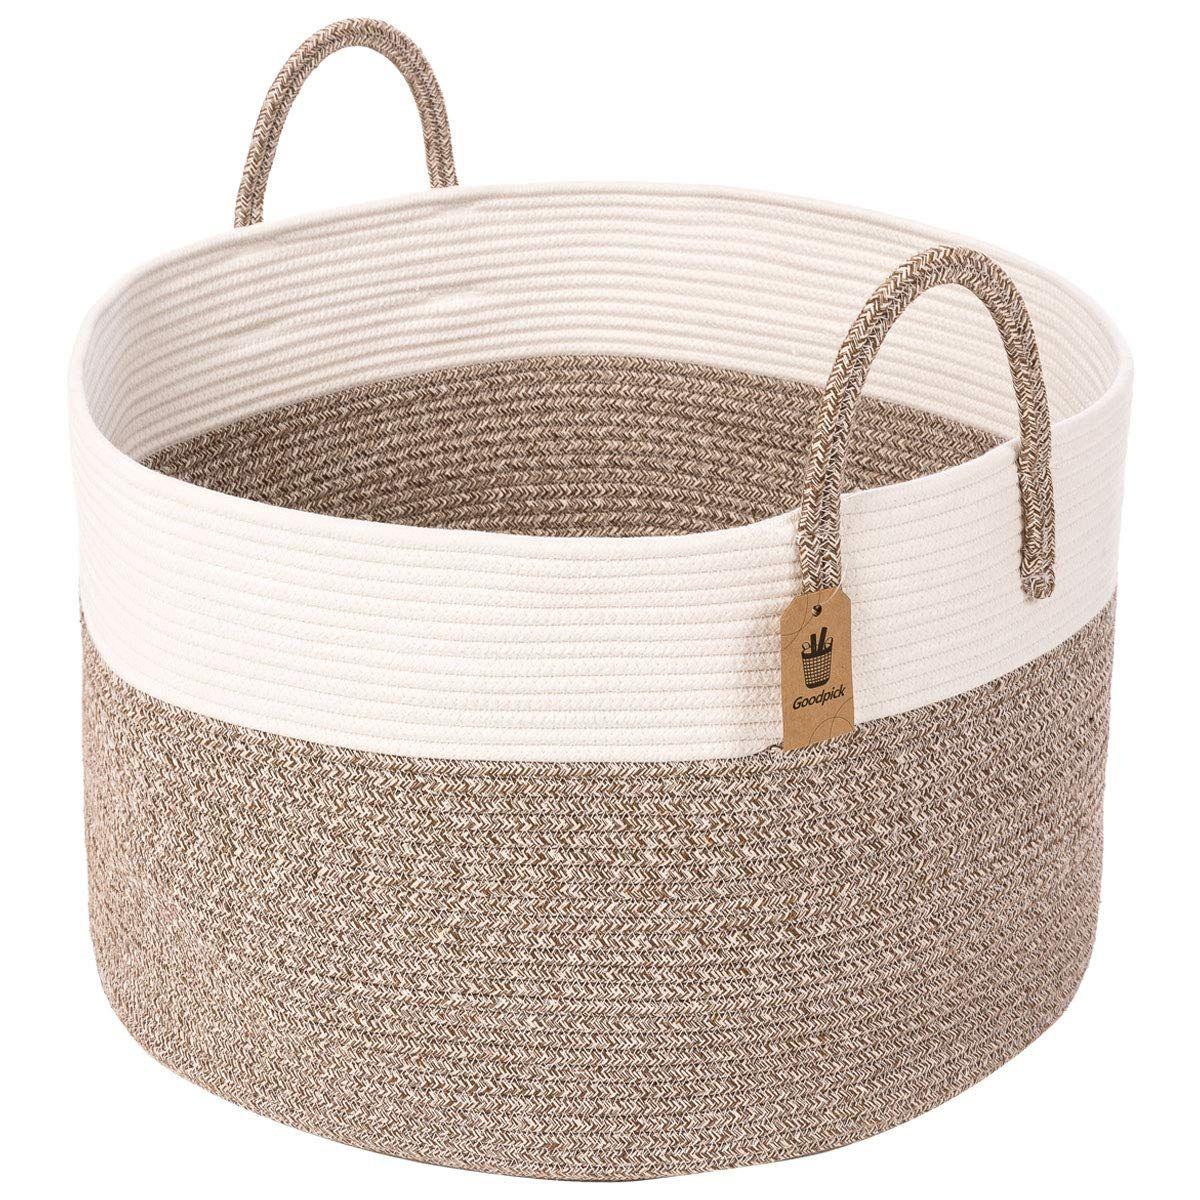 Blanket Basket Gray Laundry Basket Oblong Design INDRESSME XXX Large Rope Basket Woven Storage Basket Pillow